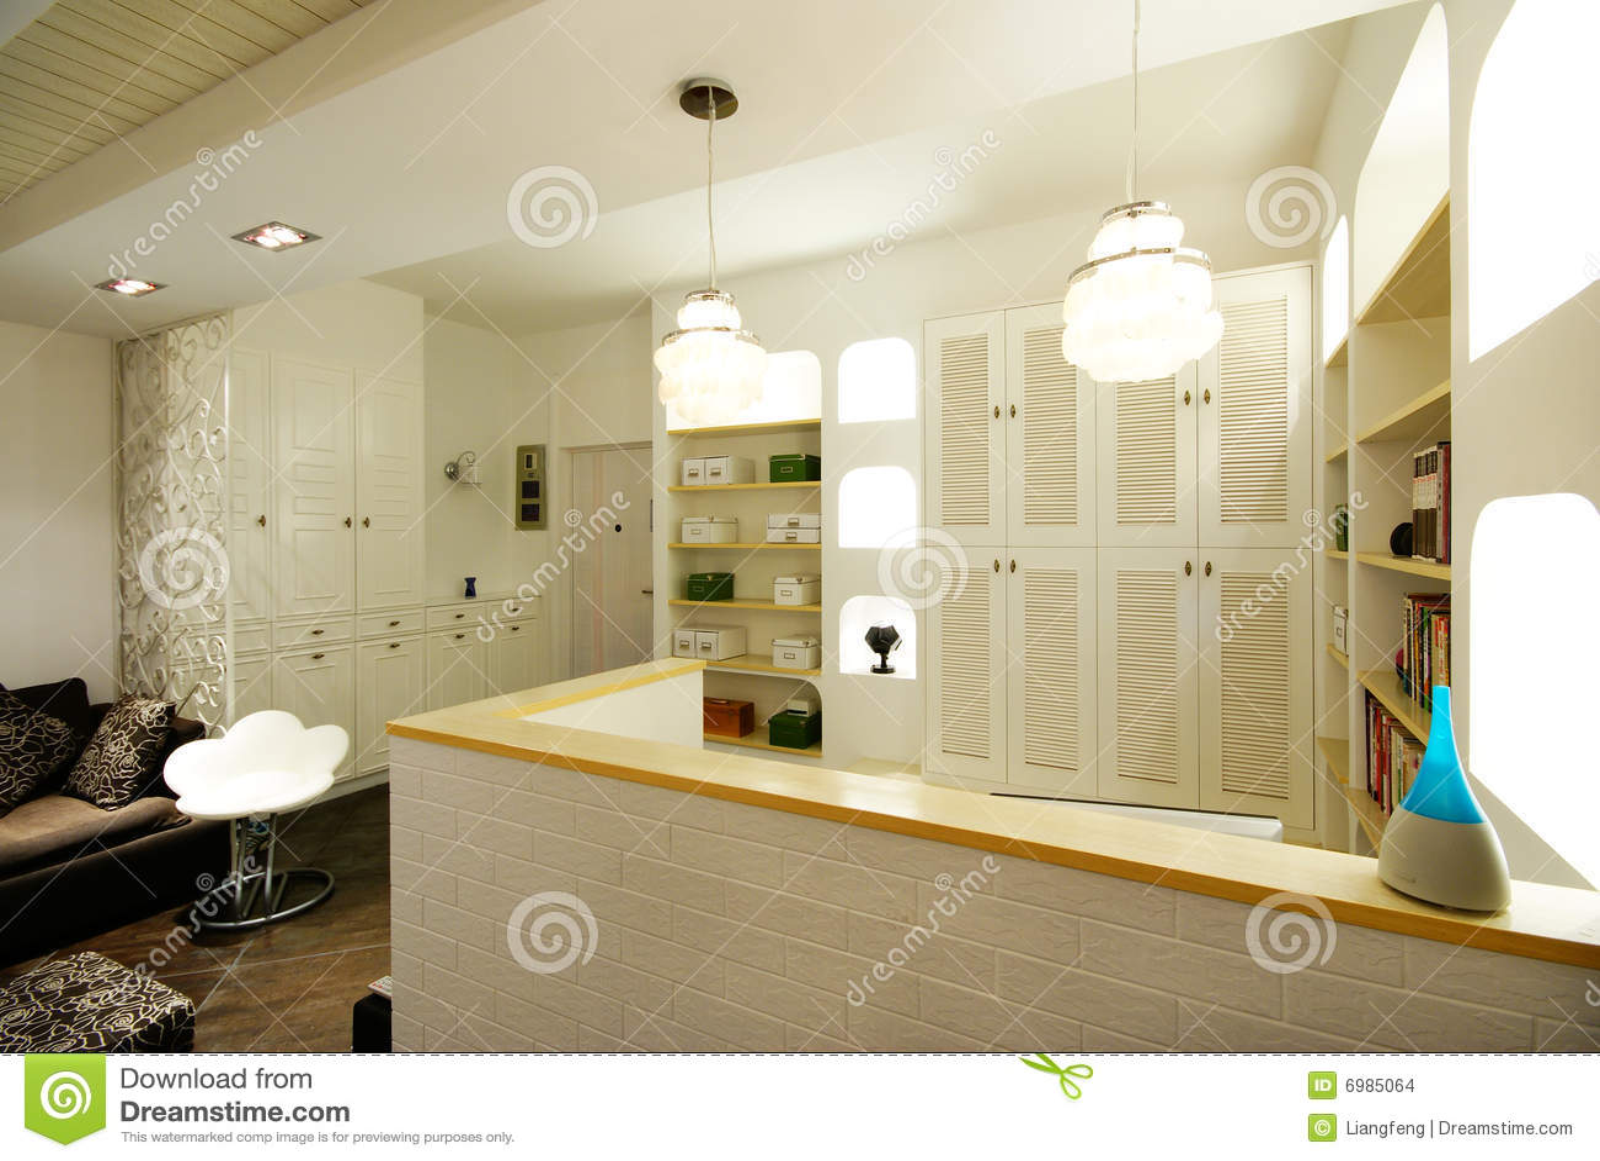 De decoratie van het huis stock afbeeldingen afbeelding 6985064 - Decoratie industriele huis ...